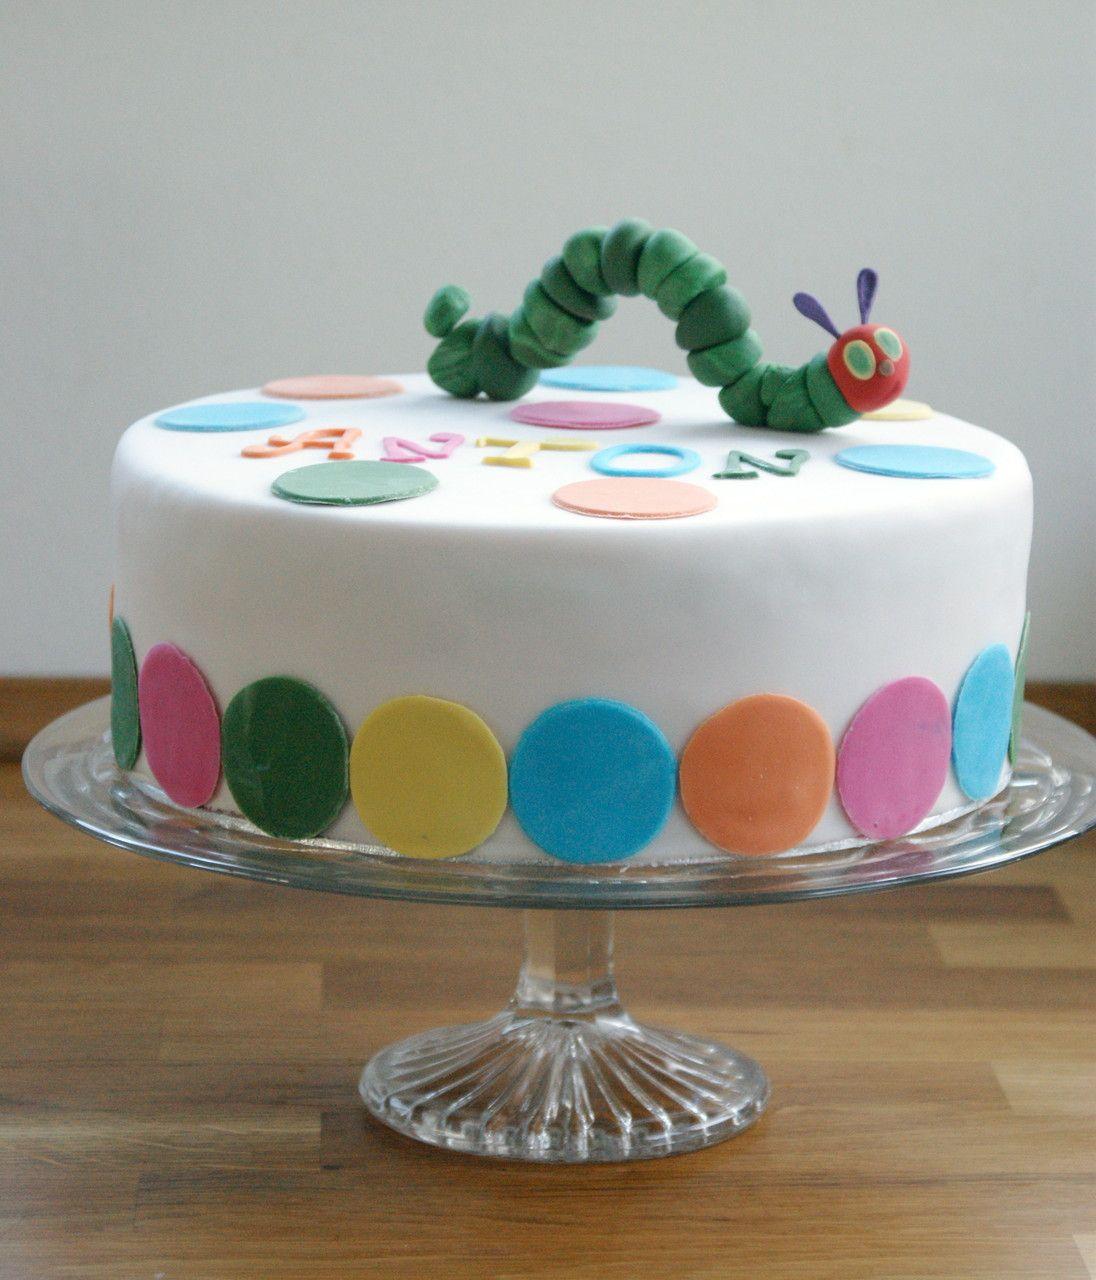 Torte Kleine Raupe Nimmersatt Tarts Tartes Torts Or